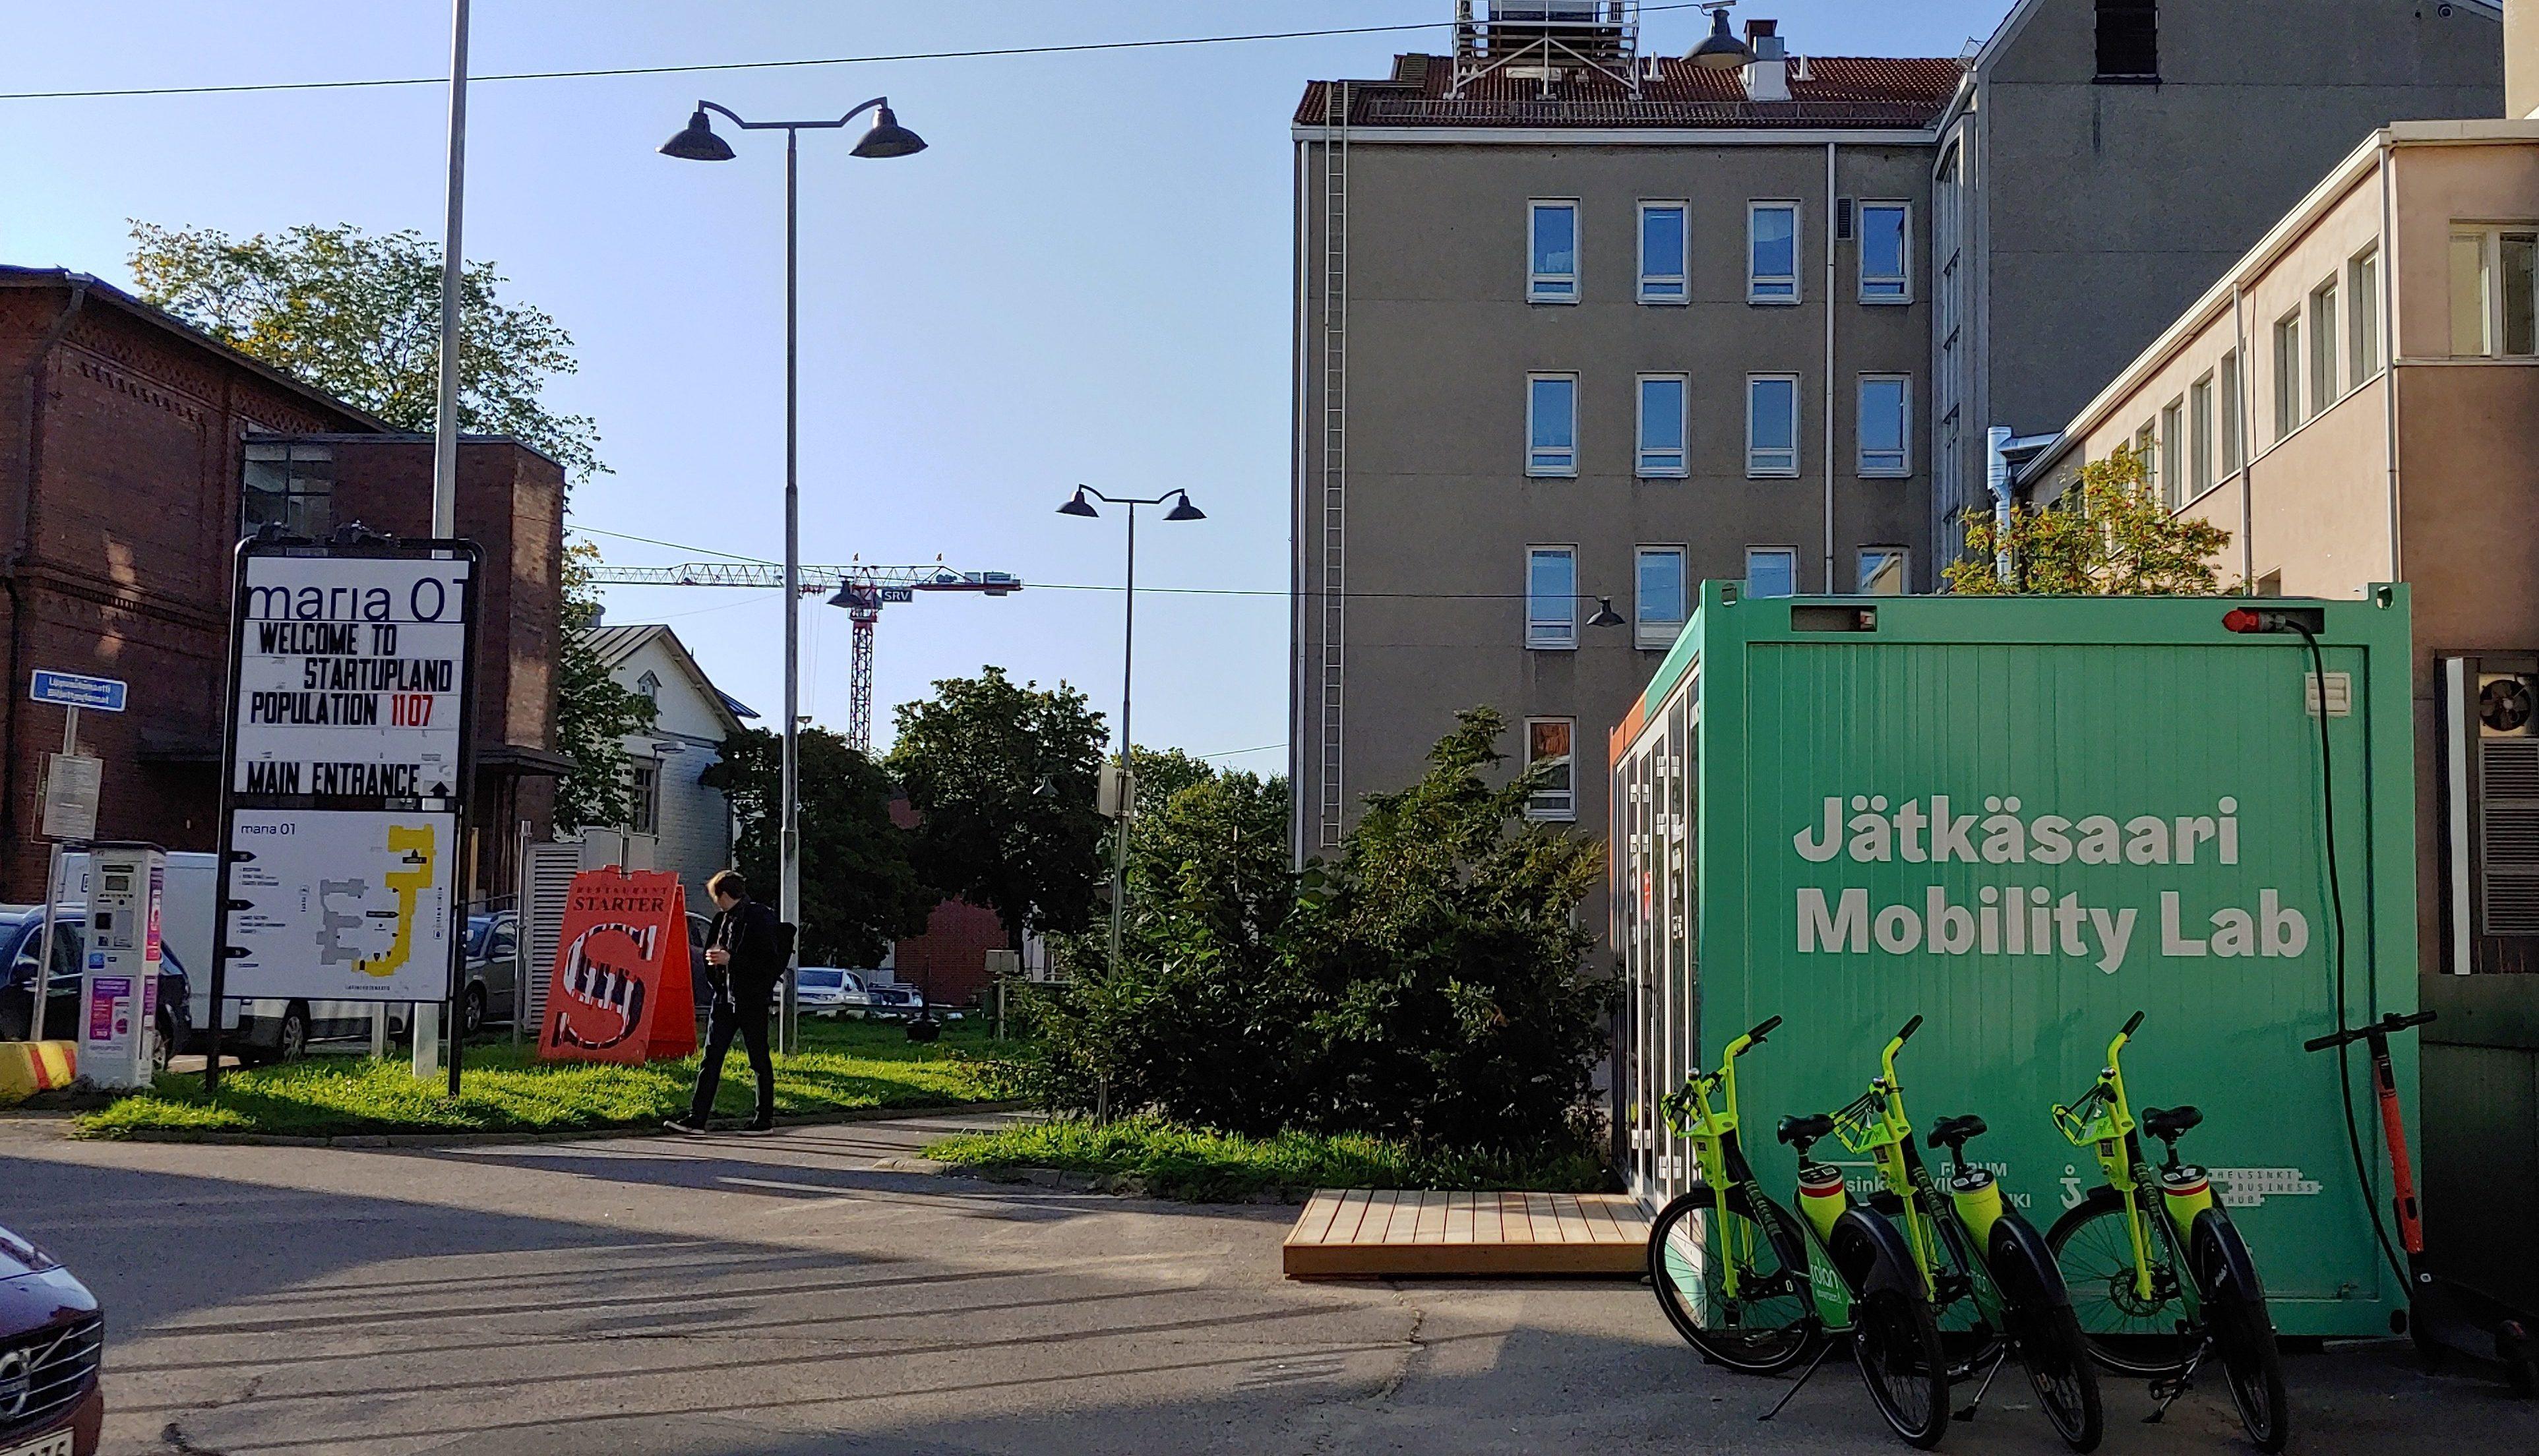 Jätkäsaari Mobility Lab Launchpad